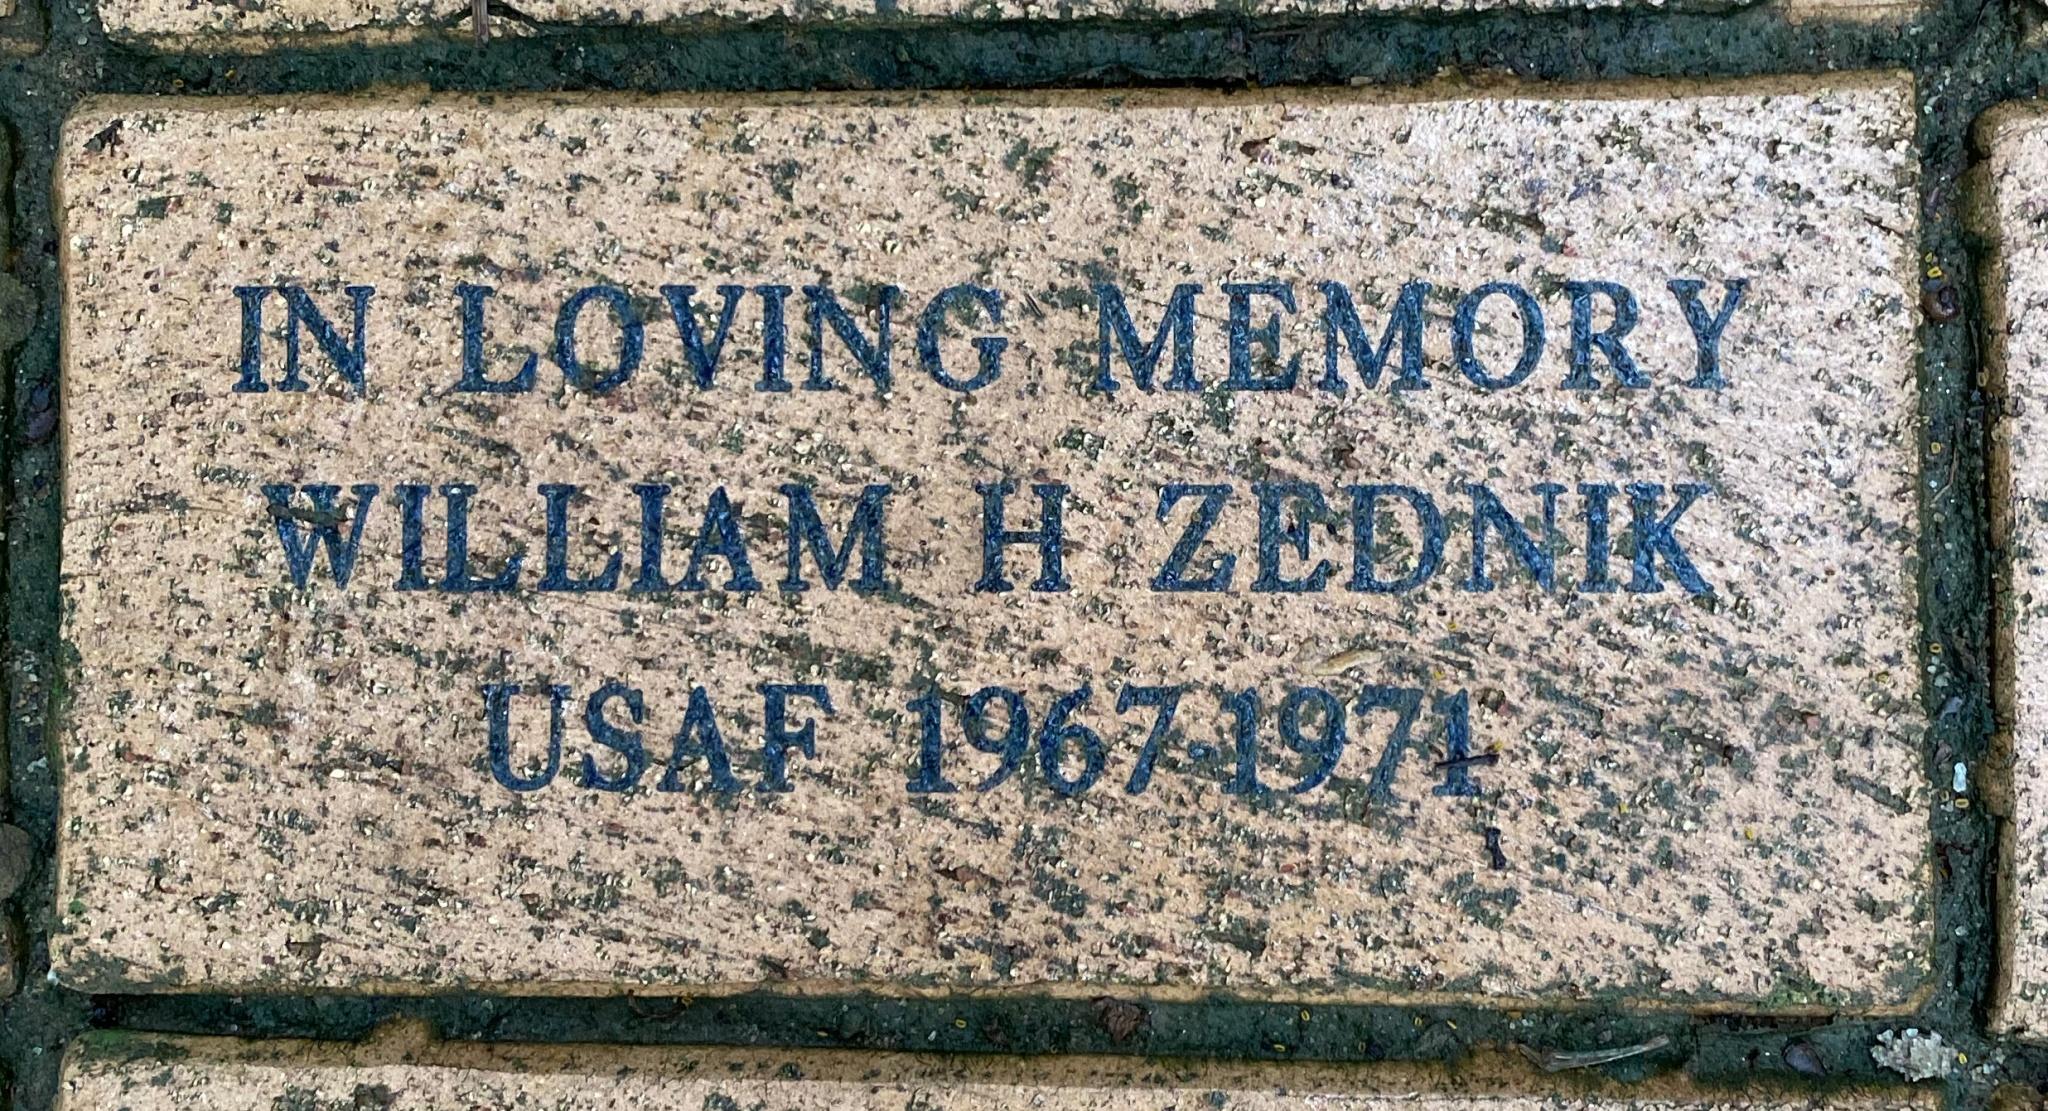 IN LOVING MEMORY WILLIAM H ZEDNIK USAF 1967-1971